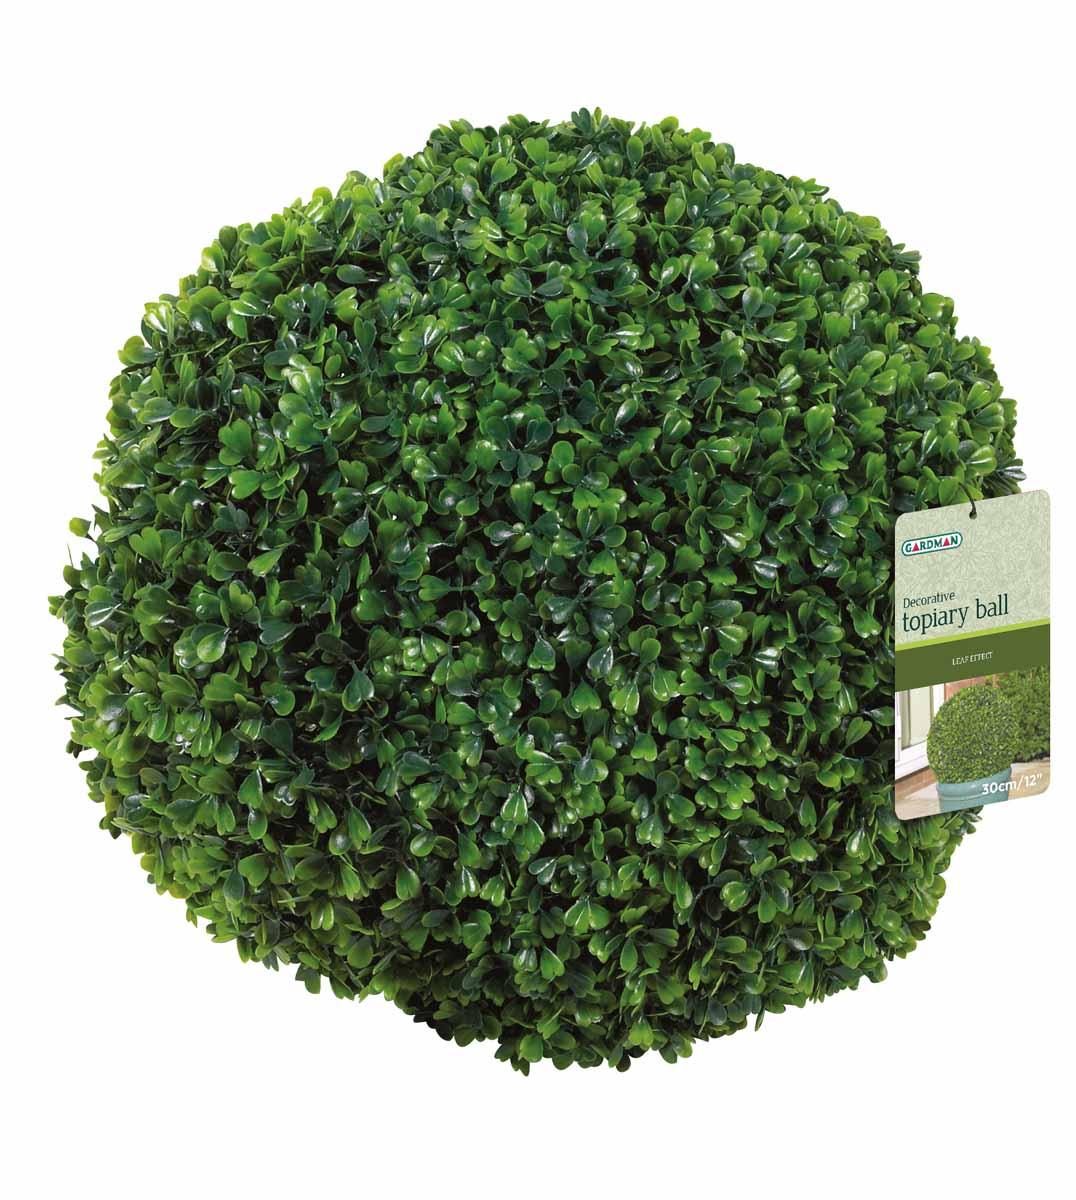 Искусственное растение Gardman Topiary Ball. Самшит, цвет: зеленый, диаметр 30 смZ-0307Искусственное растение Gardman Topiary Ball выполнено из пластика в виде шара. Листья растения зеленого цвета имитируют самшит. К растению прикреплены три цепочки с крючком, за который его можно повесить в любое место. Также растение можно поместить в горшок.Растение устойчиво к воздействиям внешней среды, таким как влажность, солнце, перепады температуры, не выцветает со временем.Искусственное растение Gardman Topiary Ball великолепно украсит интерьер офиса, дома или сада.Характеристики:Материал: пластик, металл. Цвет: зеленый. Диаметр шара: 30 см. Длина цепочек с крючком: 25 см.